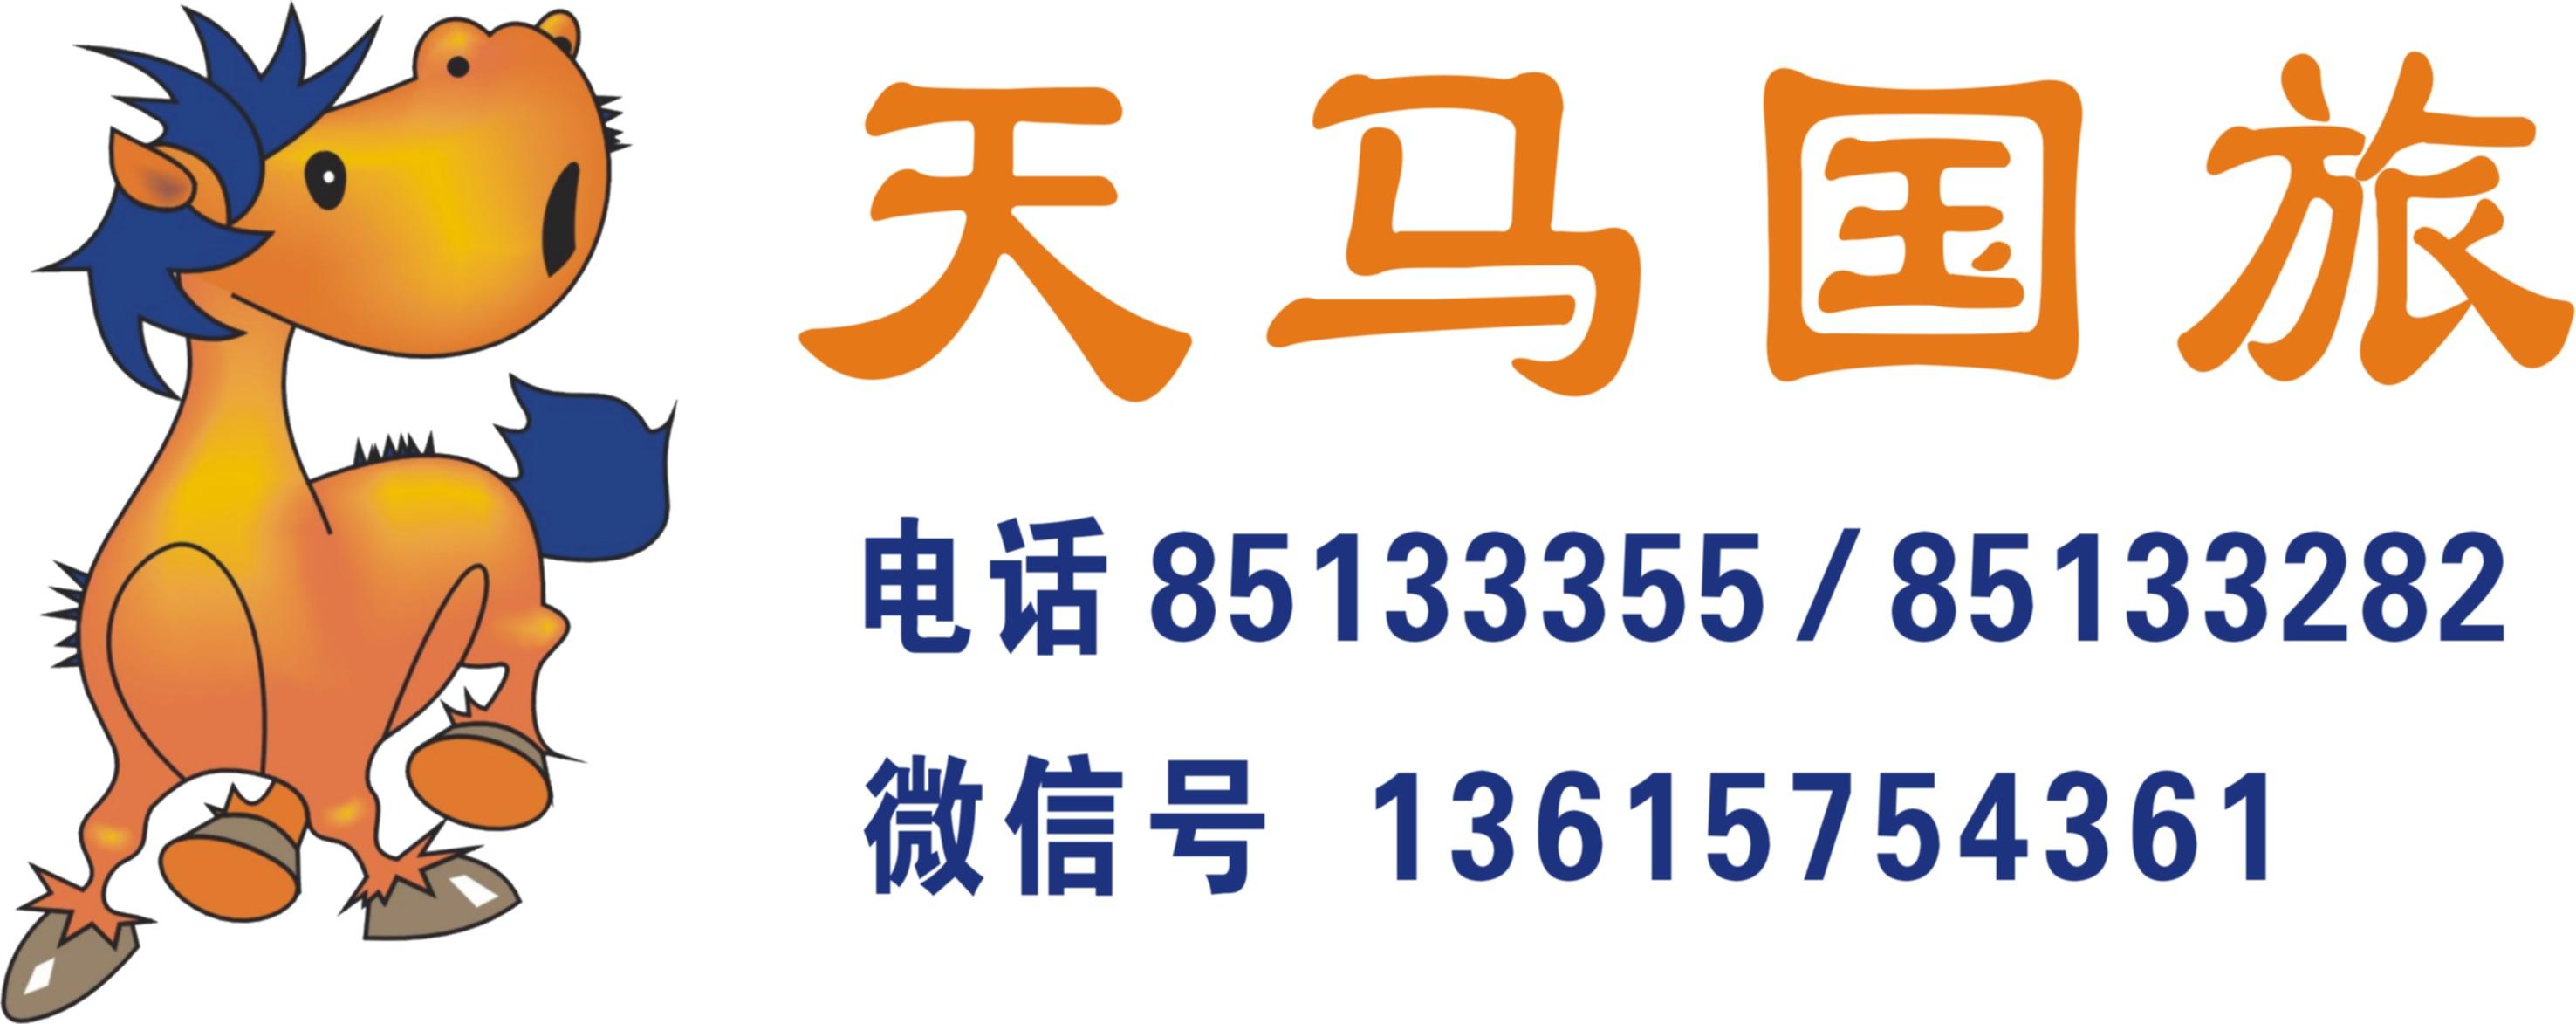 2-3月【三亚畅享蜈支洲双飞五日】南山 天涯 三亚湾 无自费